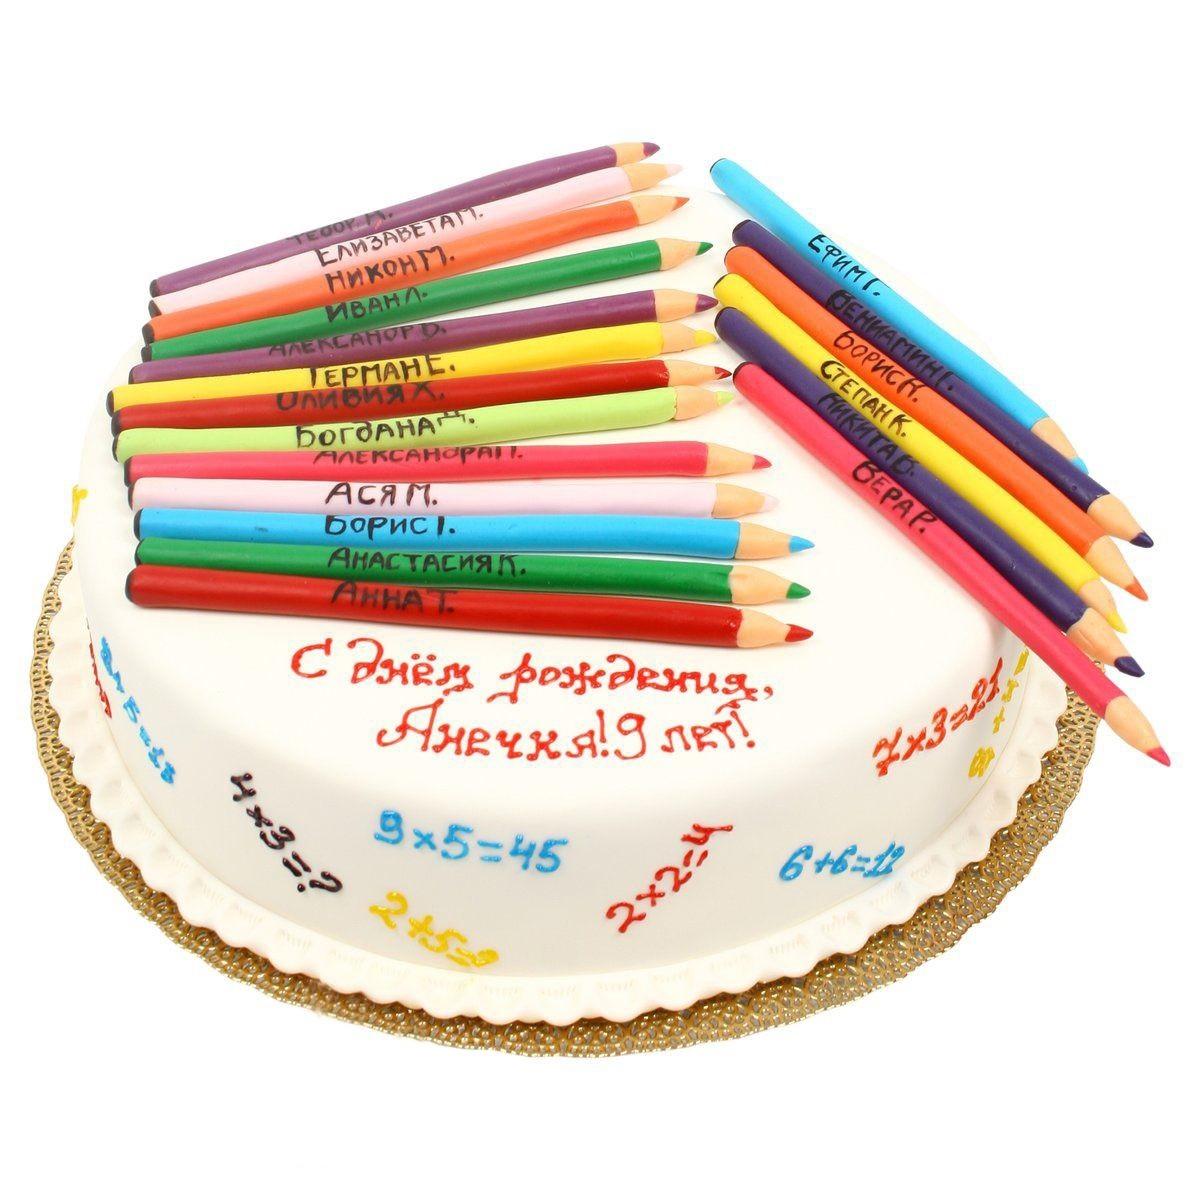 №538 Торт карандаши